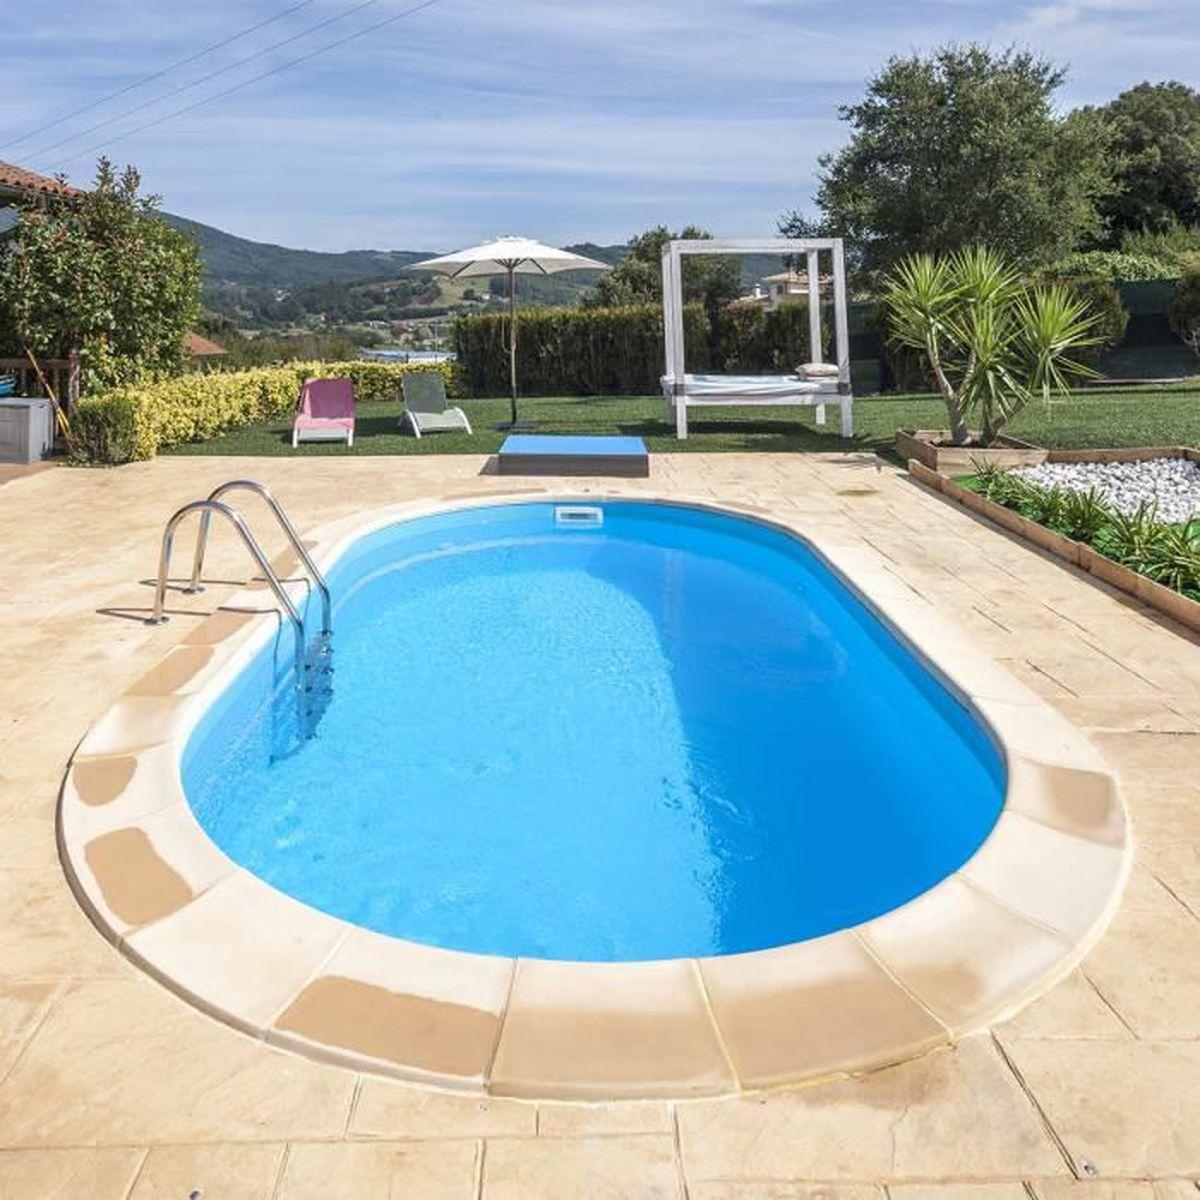 piscine enterre pas cher affordable piscine enterre en kit pas cher luxe piscine hors sol haut. Black Bedroom Furniture Sets. Home Design Ideas